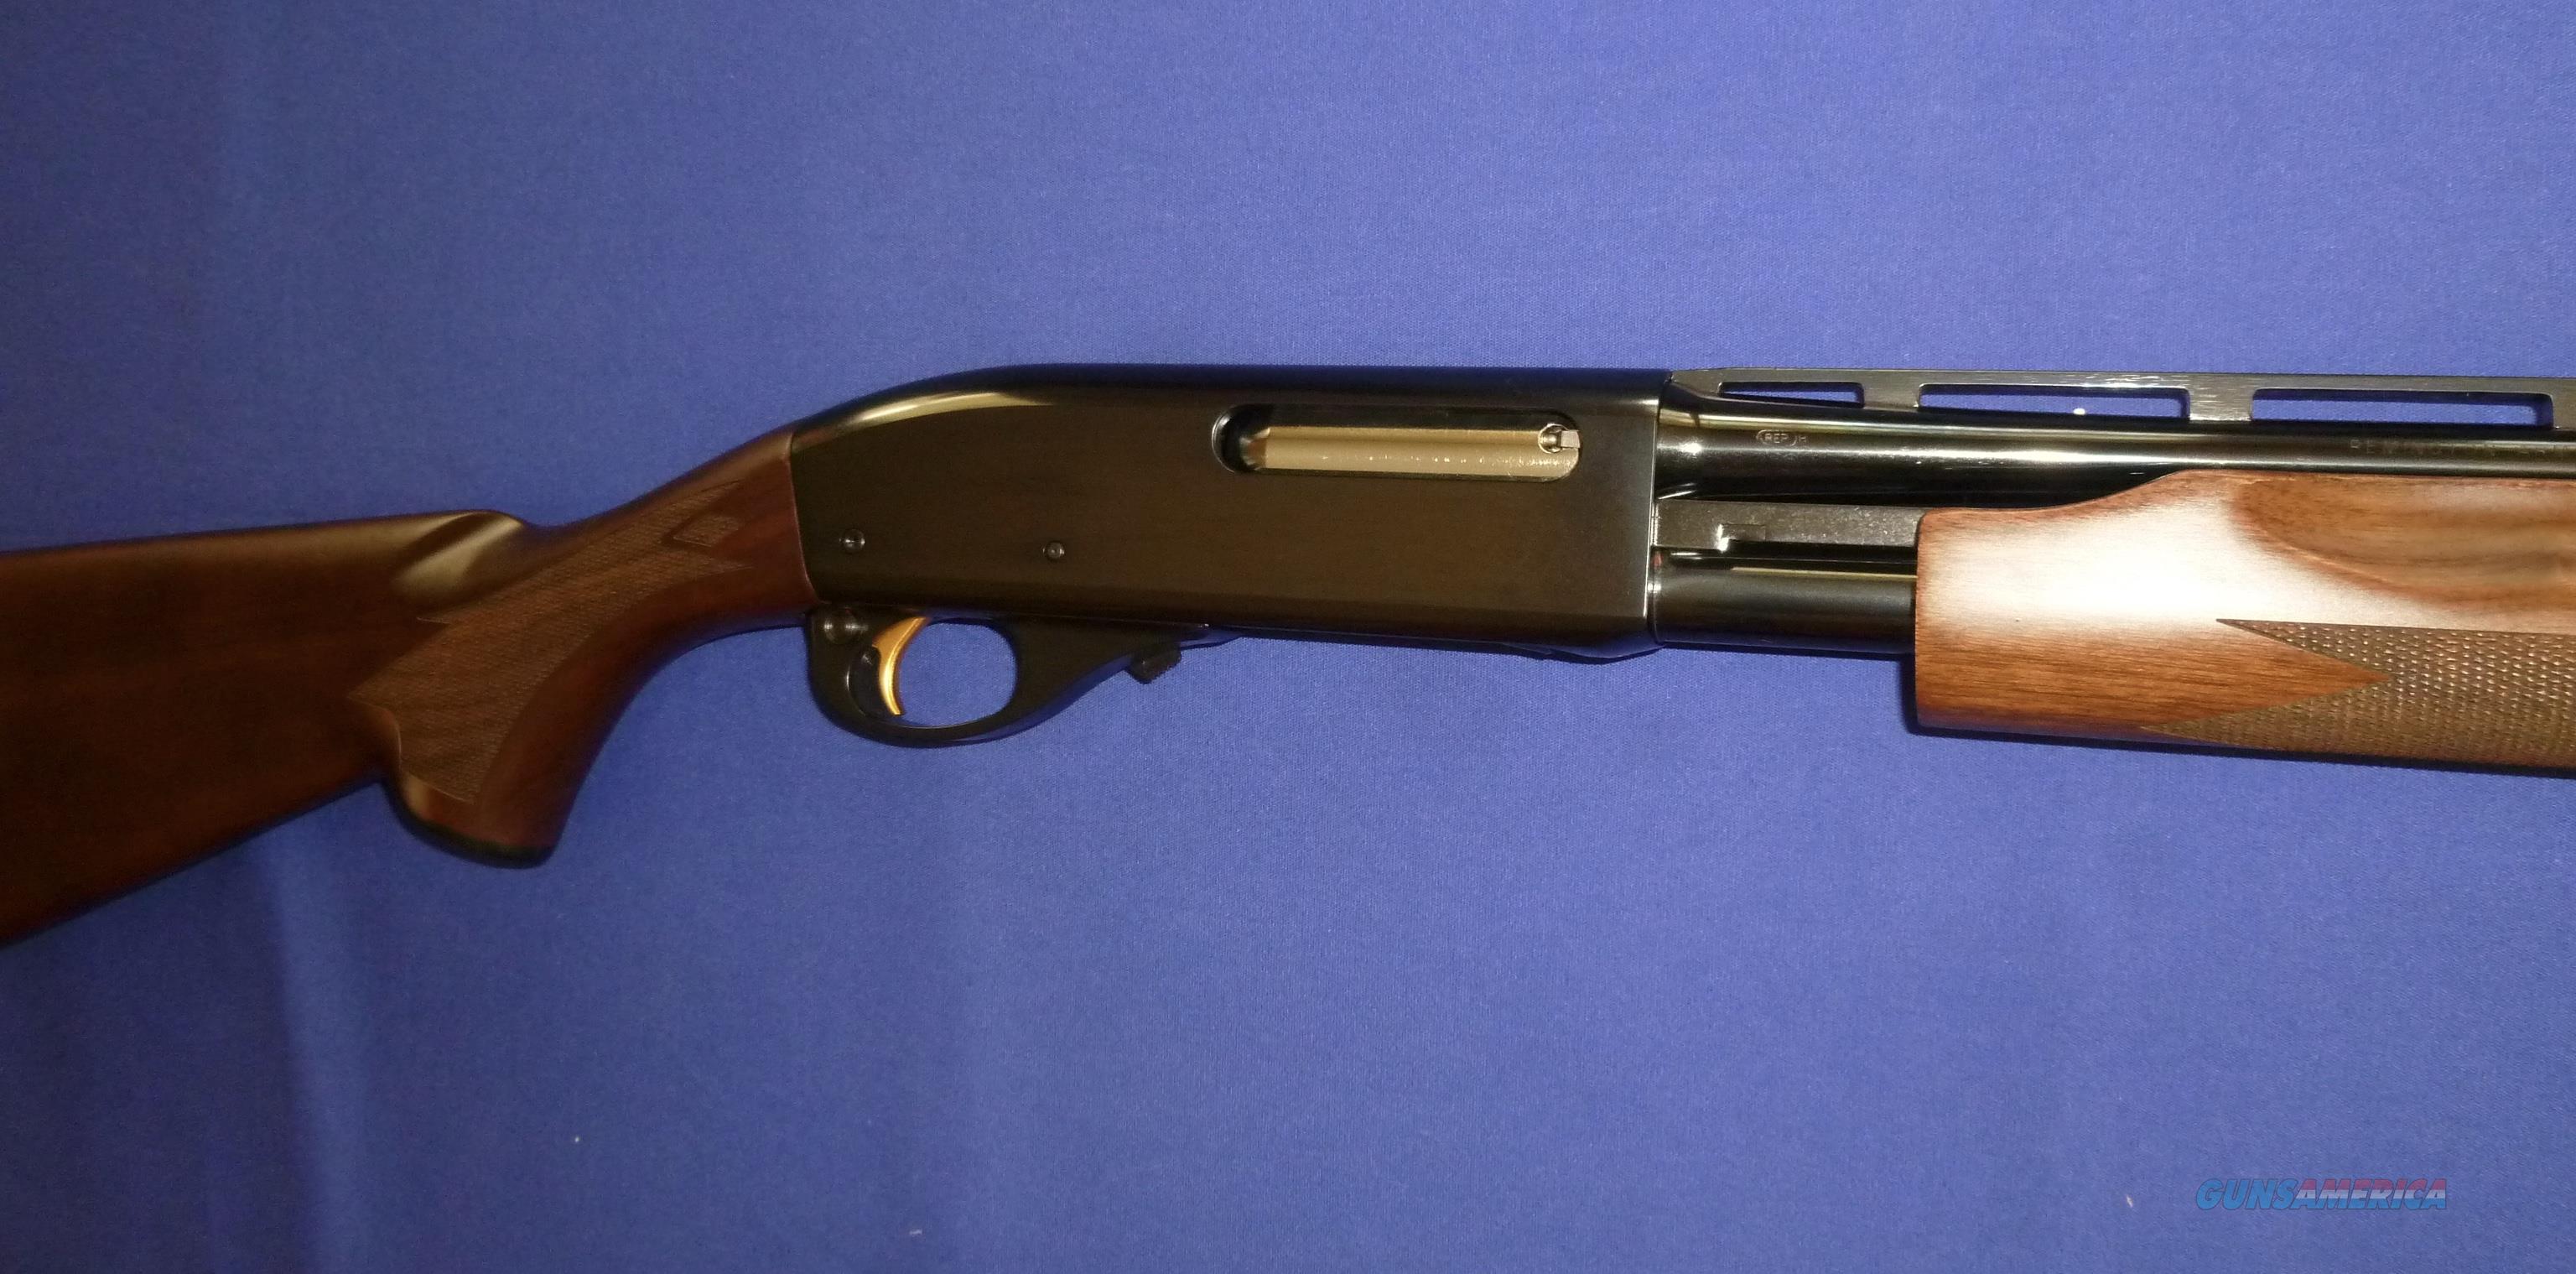 Remington 870 Wingmaster 410 Gauge Pump Shotgun For Sale